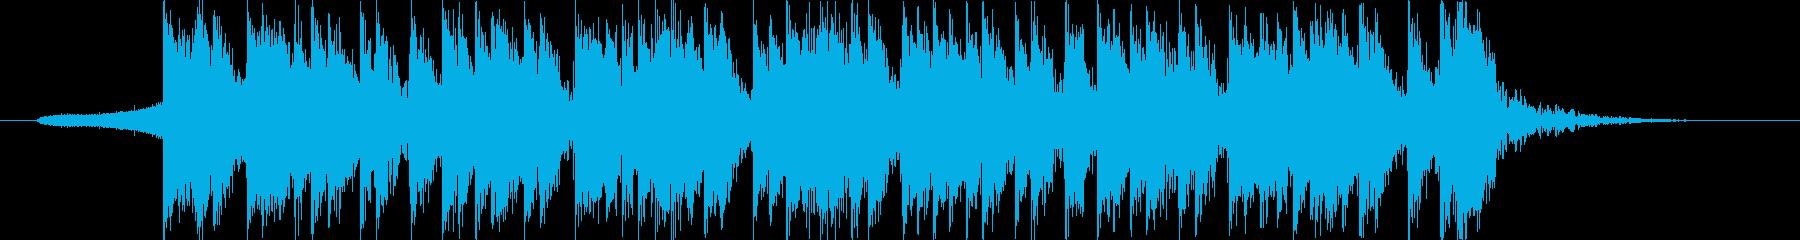 迫力のある太鼓2の再生済みの波形